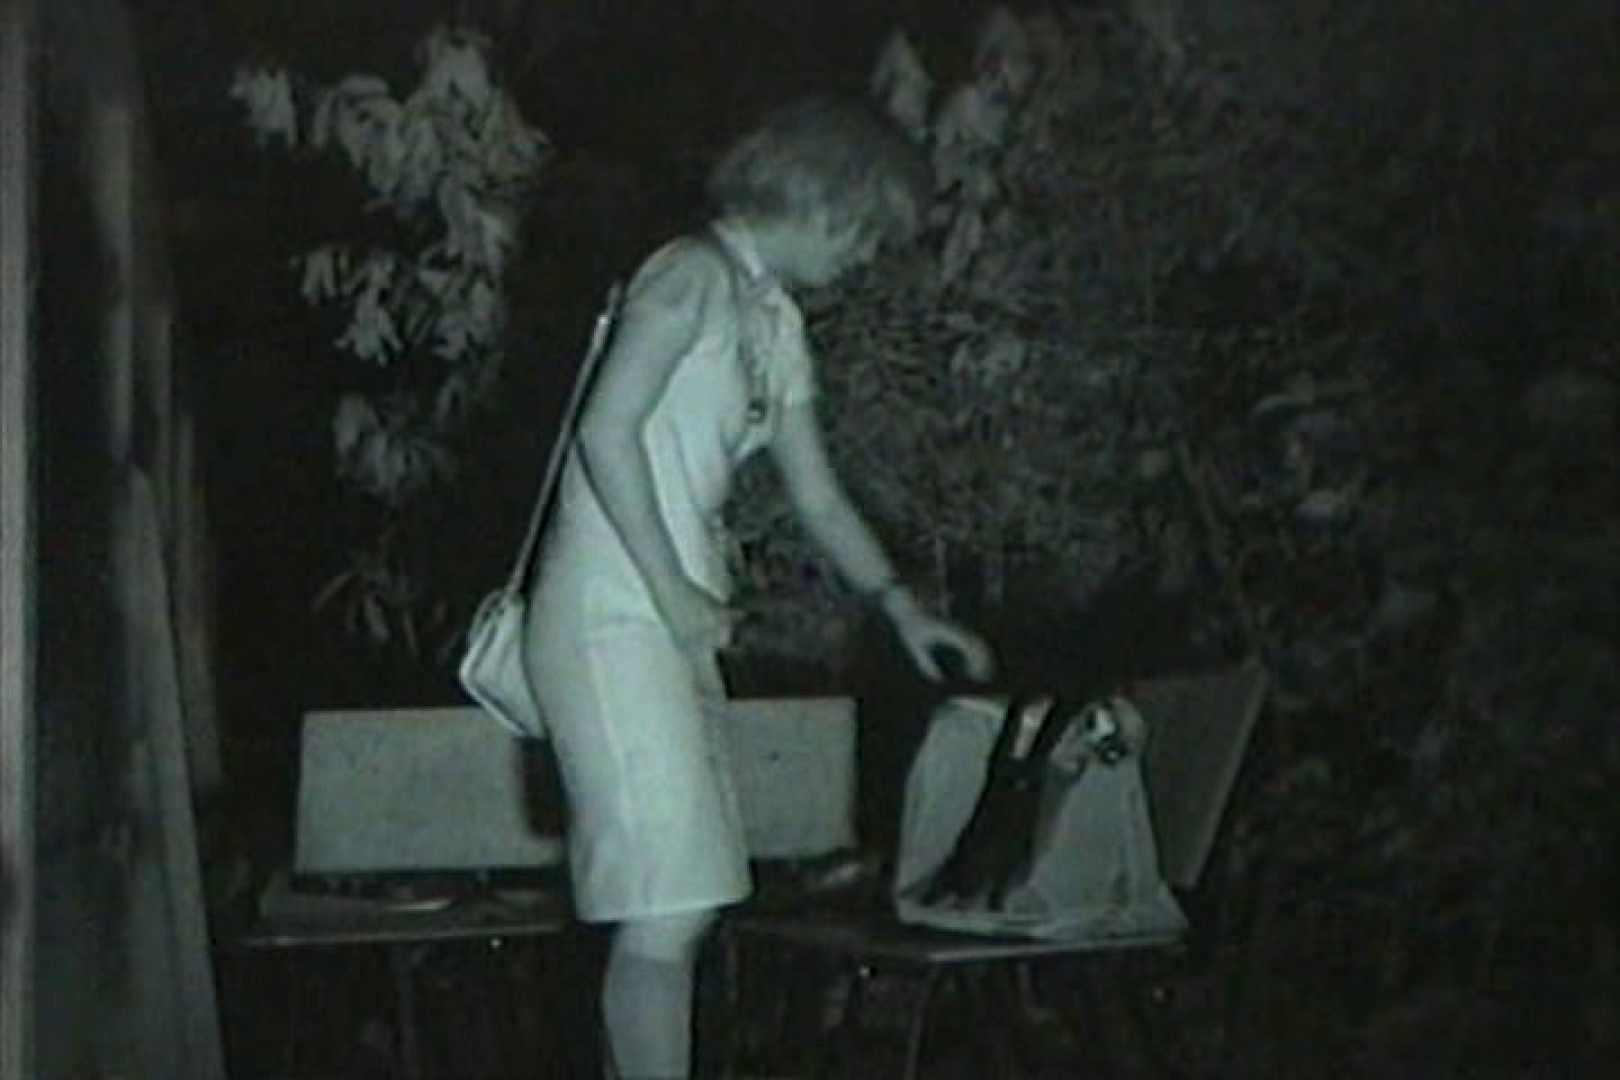 闇の仕掛け人 無修正版 Vol.24 ホテル隠し撮り 隠し撮りオマンコ動画紹介 101pic 88